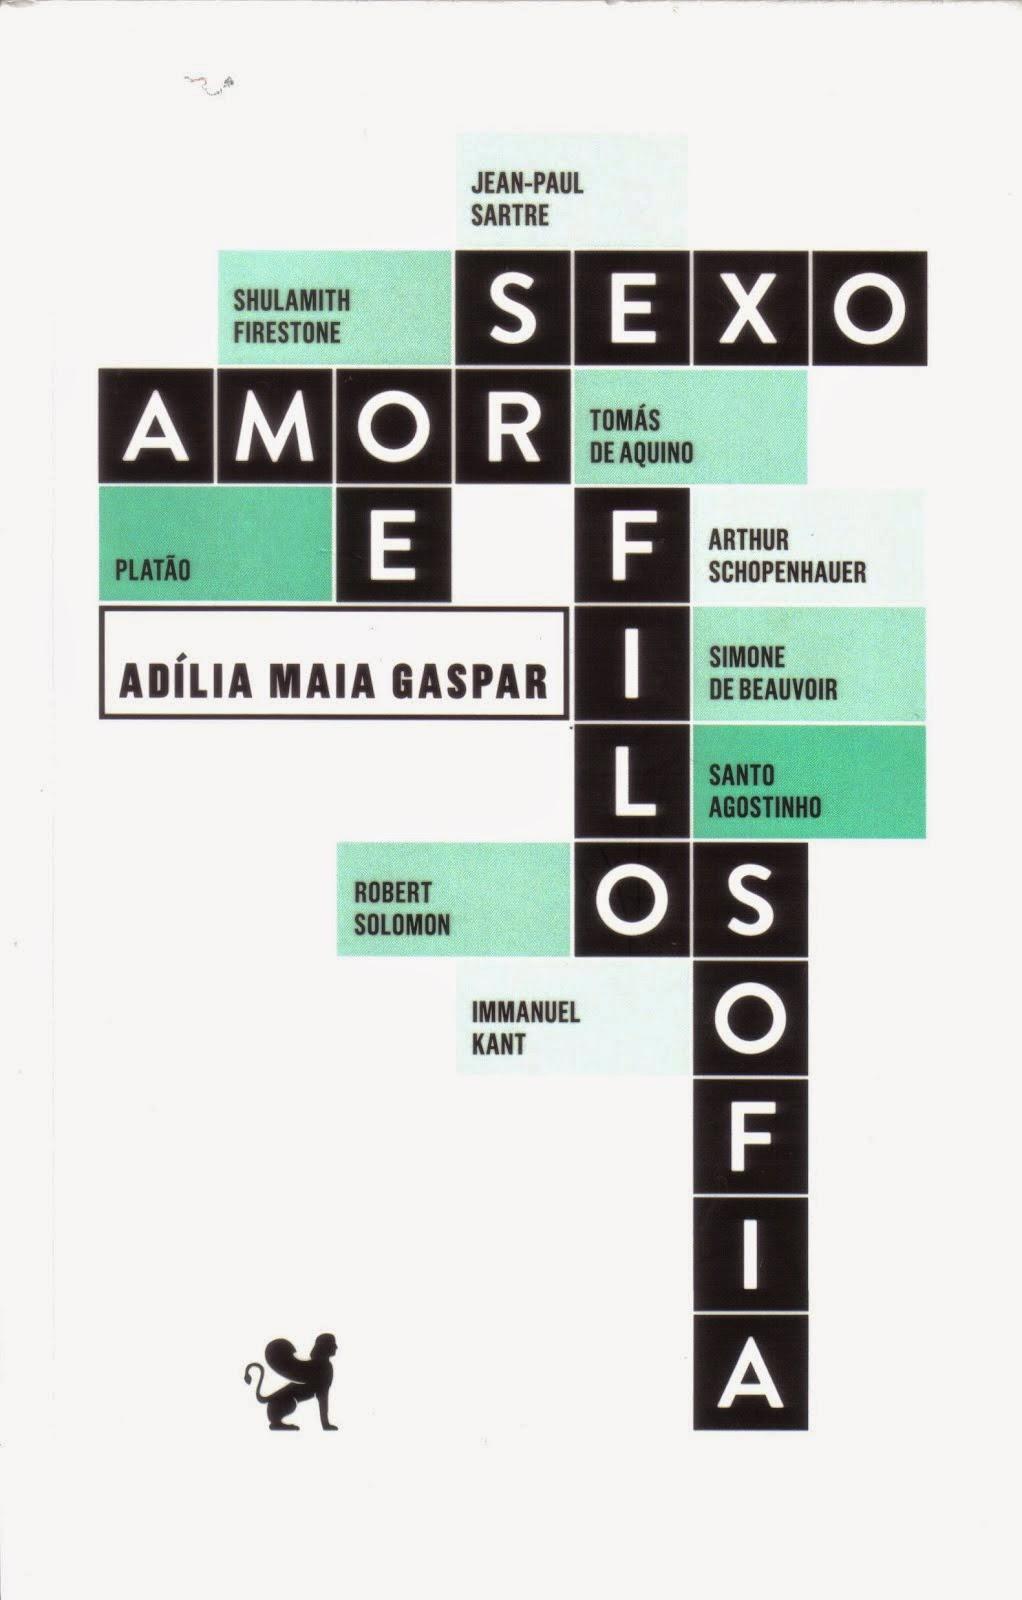 Sexo, Amor e Filosofia